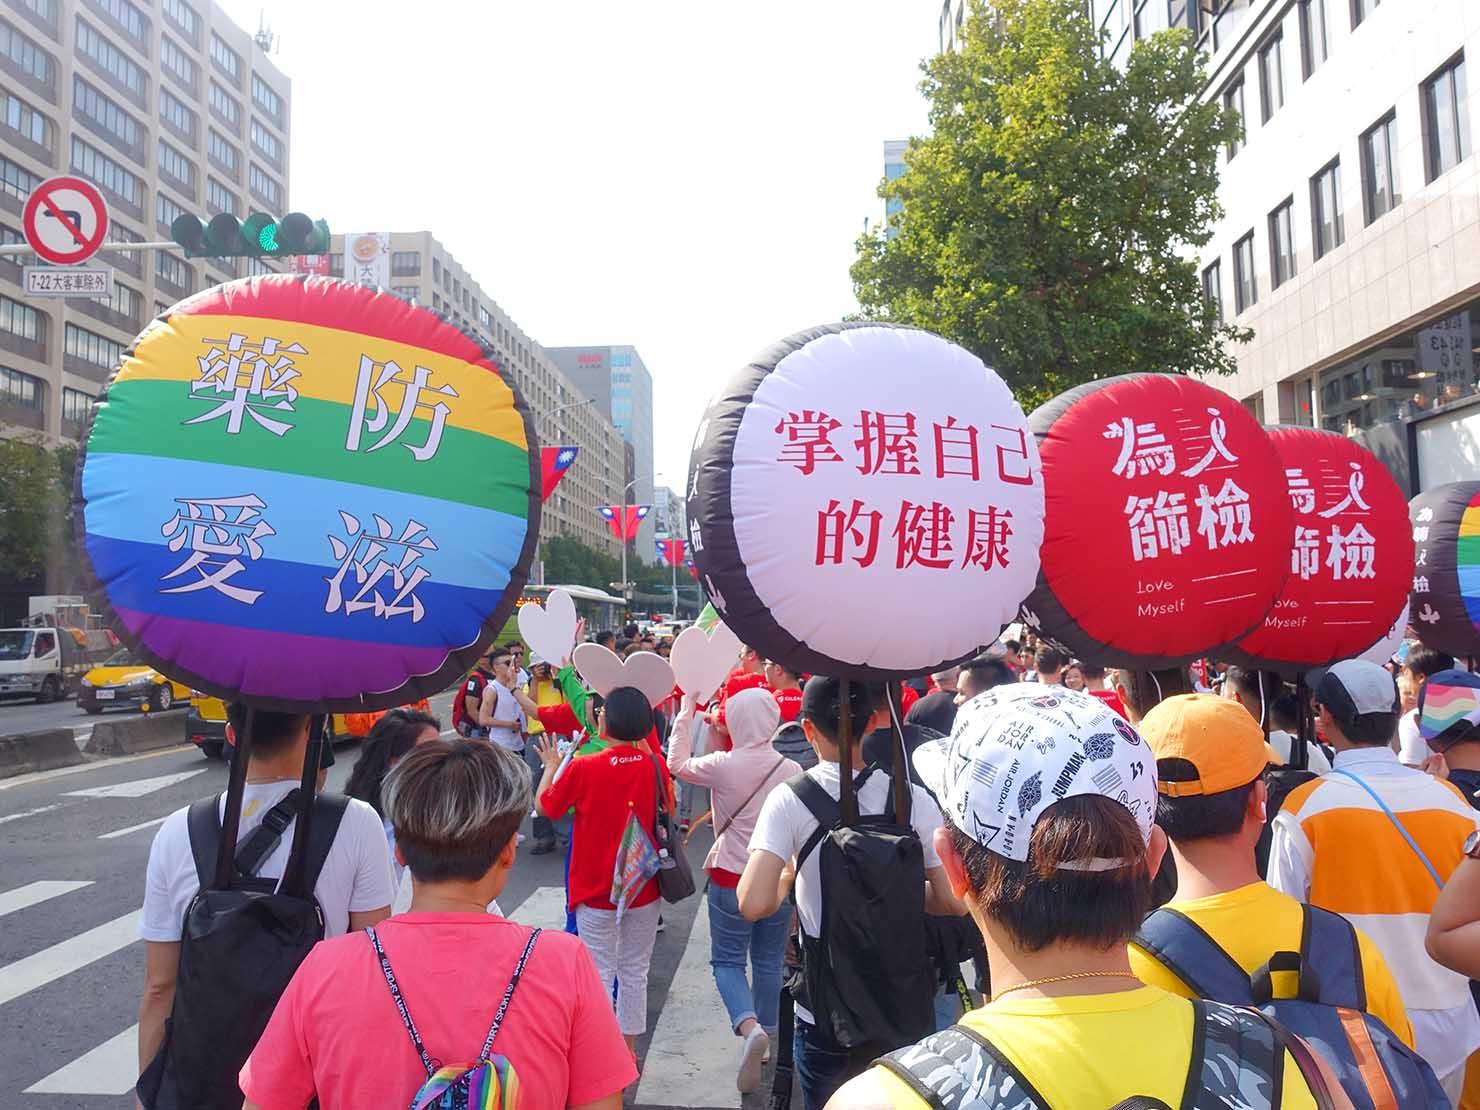 台灣同志遊行(台湾LGBTプライド)2019パレードでHIV啓発を行うグループ